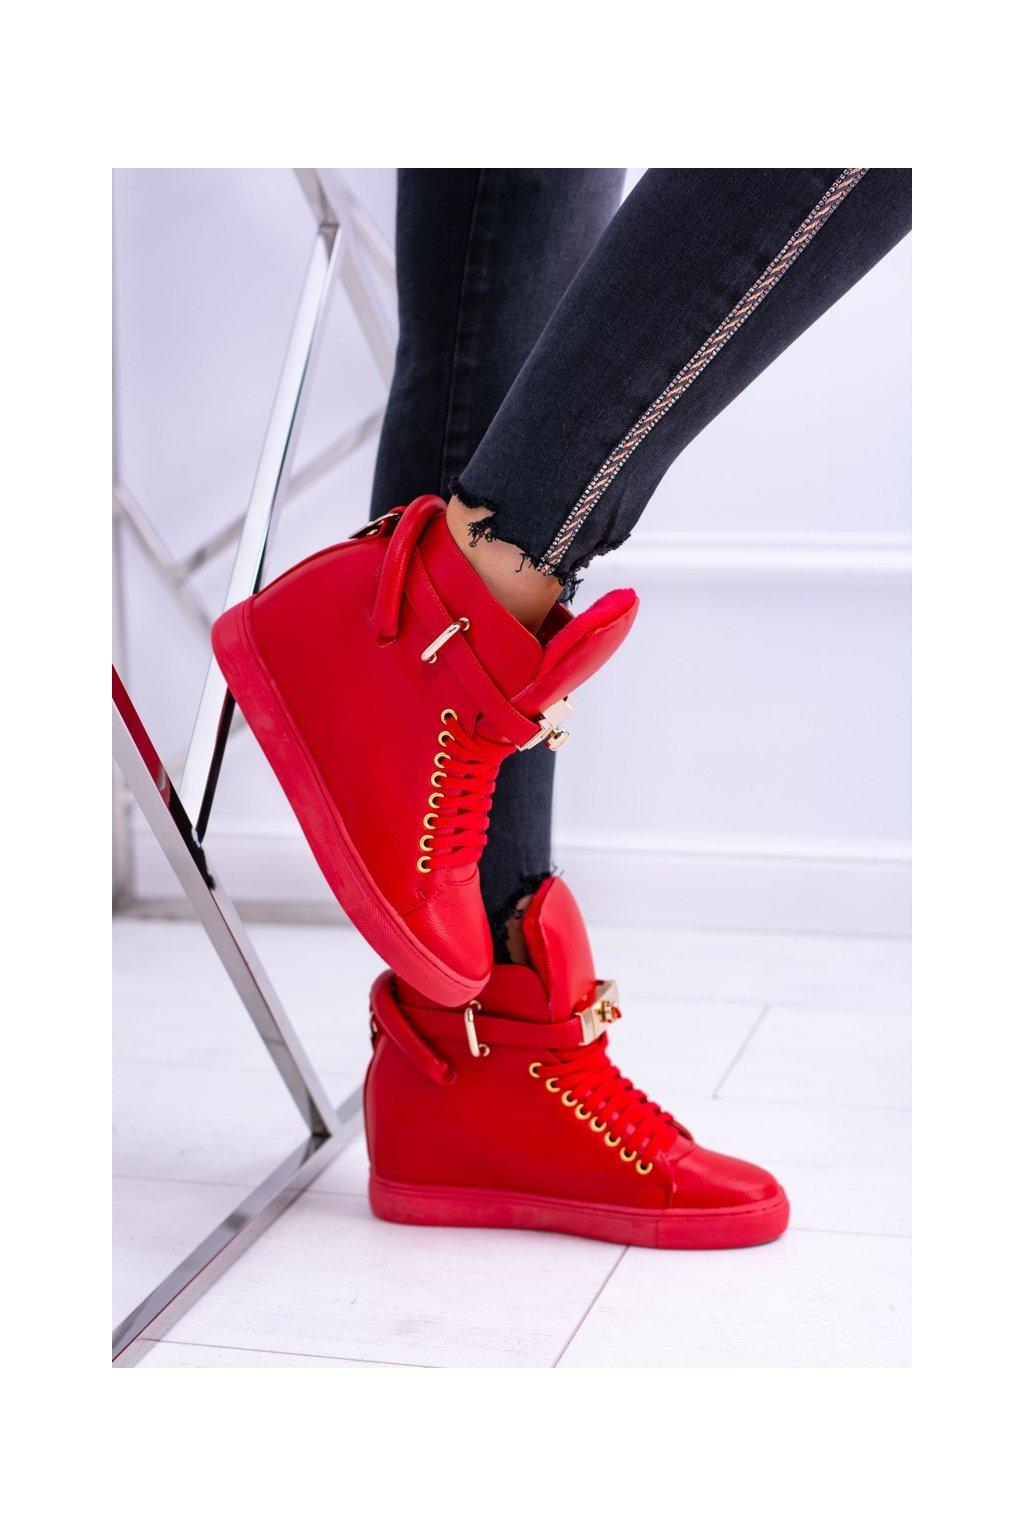 Dámska obuv s teniskami Lu Boo zateplené zlatý vysiaci zámok červené